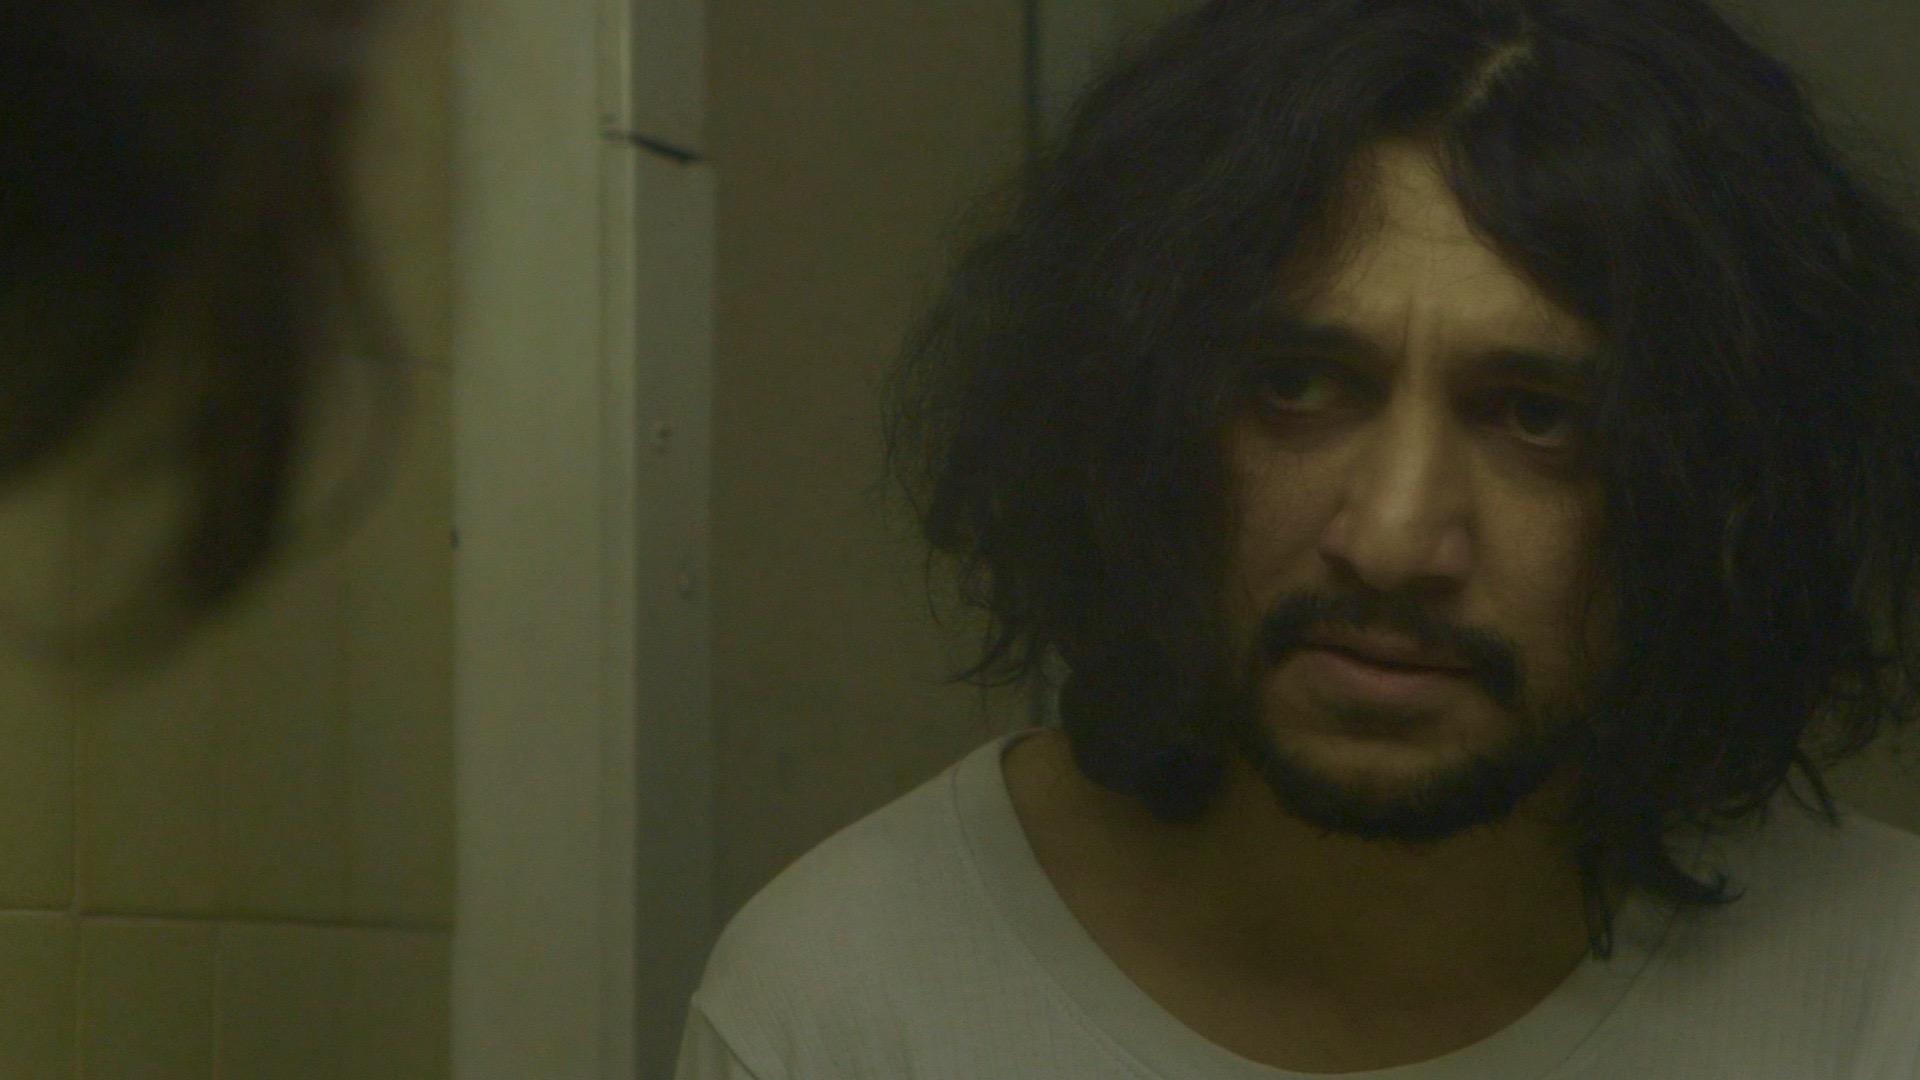 Mutana Al-Rubaye, Actor